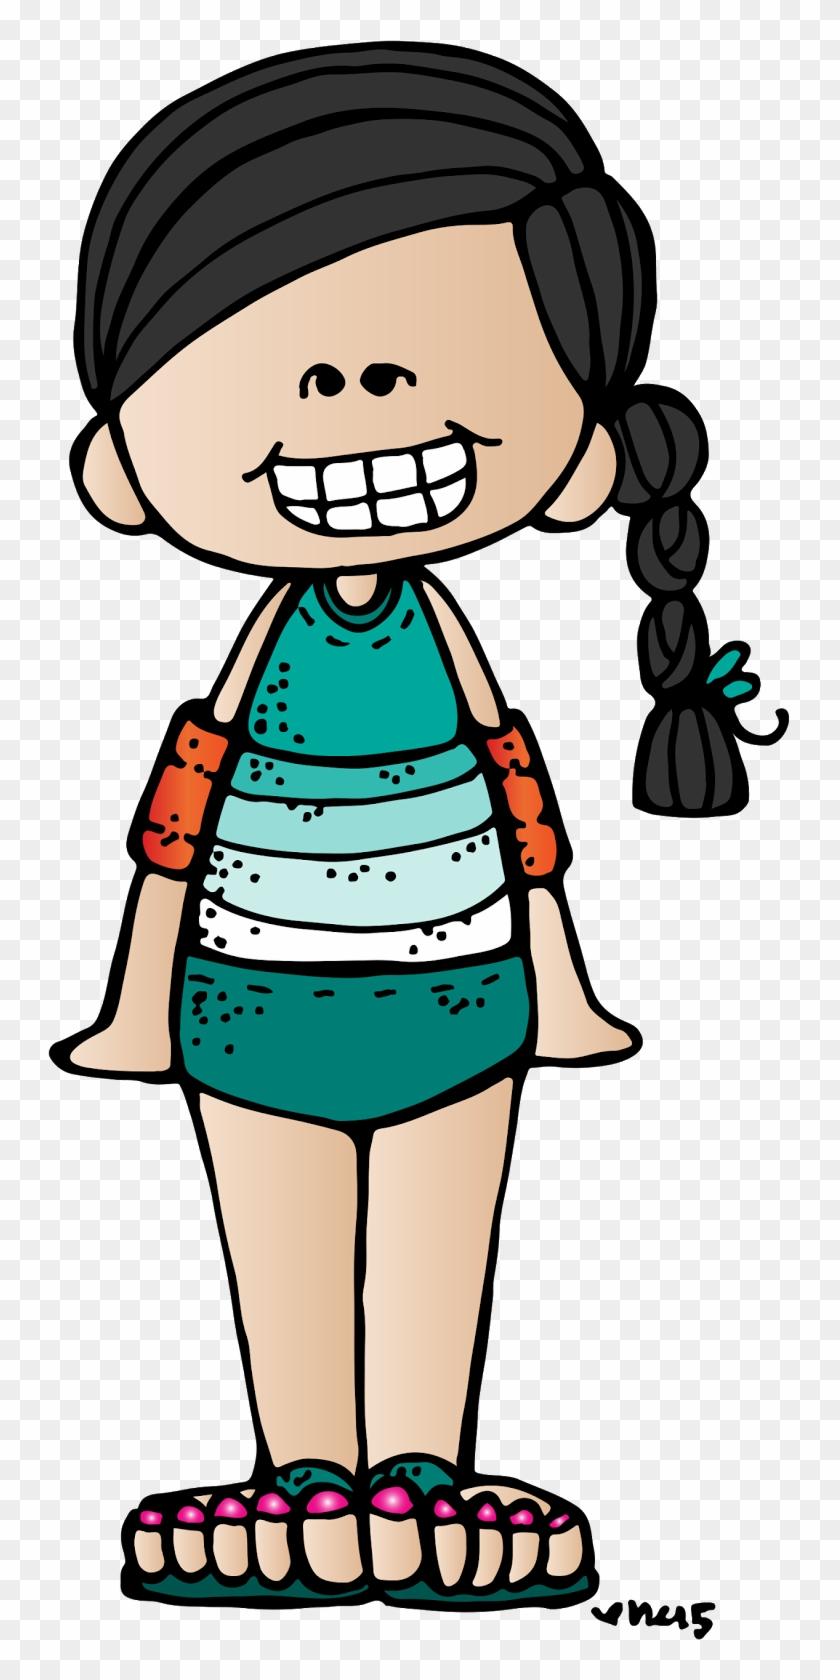 Nikki - Melonheadz Summer Boy #60873